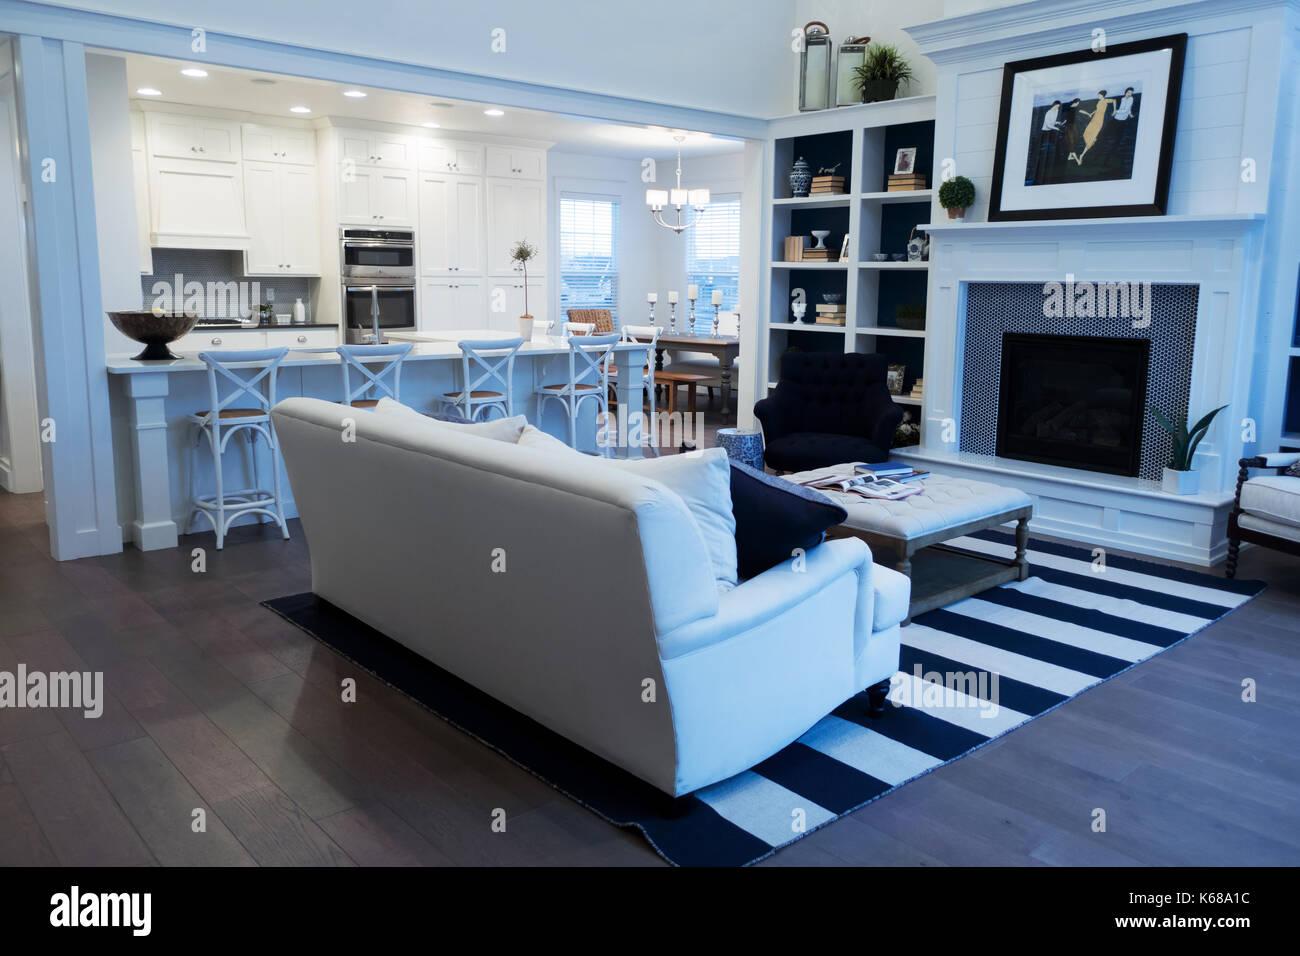 Un Salon Abierto En Busca De Una Cocina Abierta Construido En